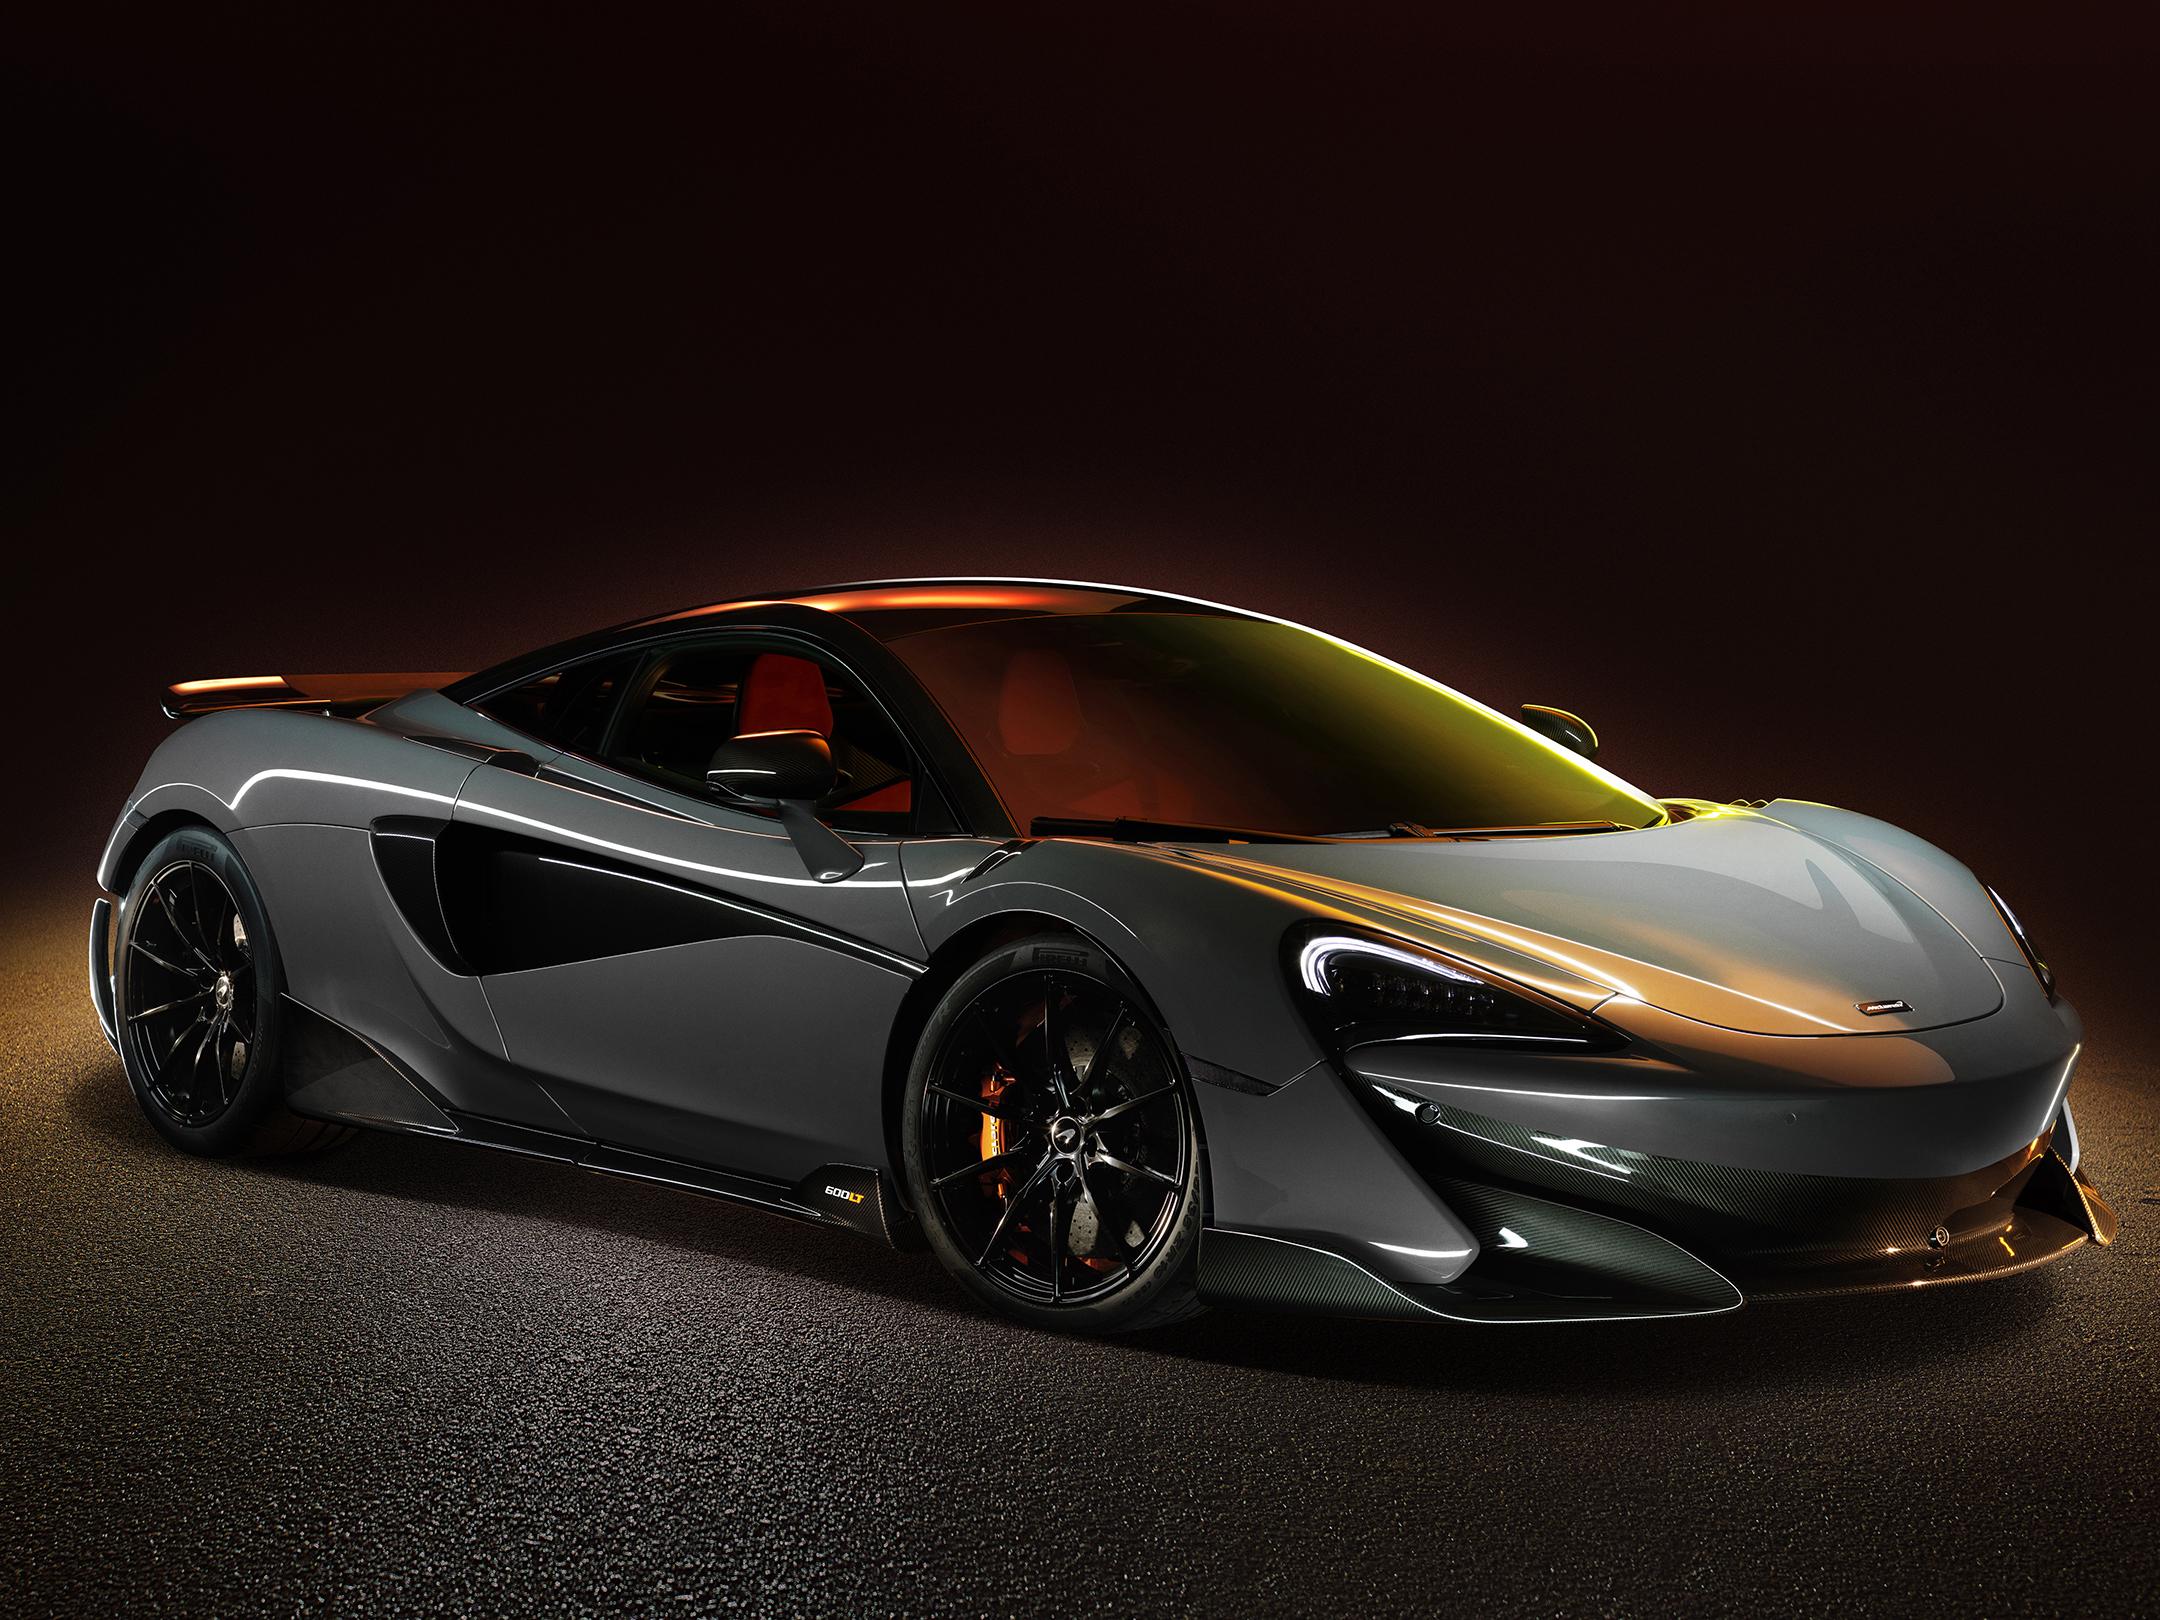 McLaren 600LT - 2018 - front side-face / profil avant